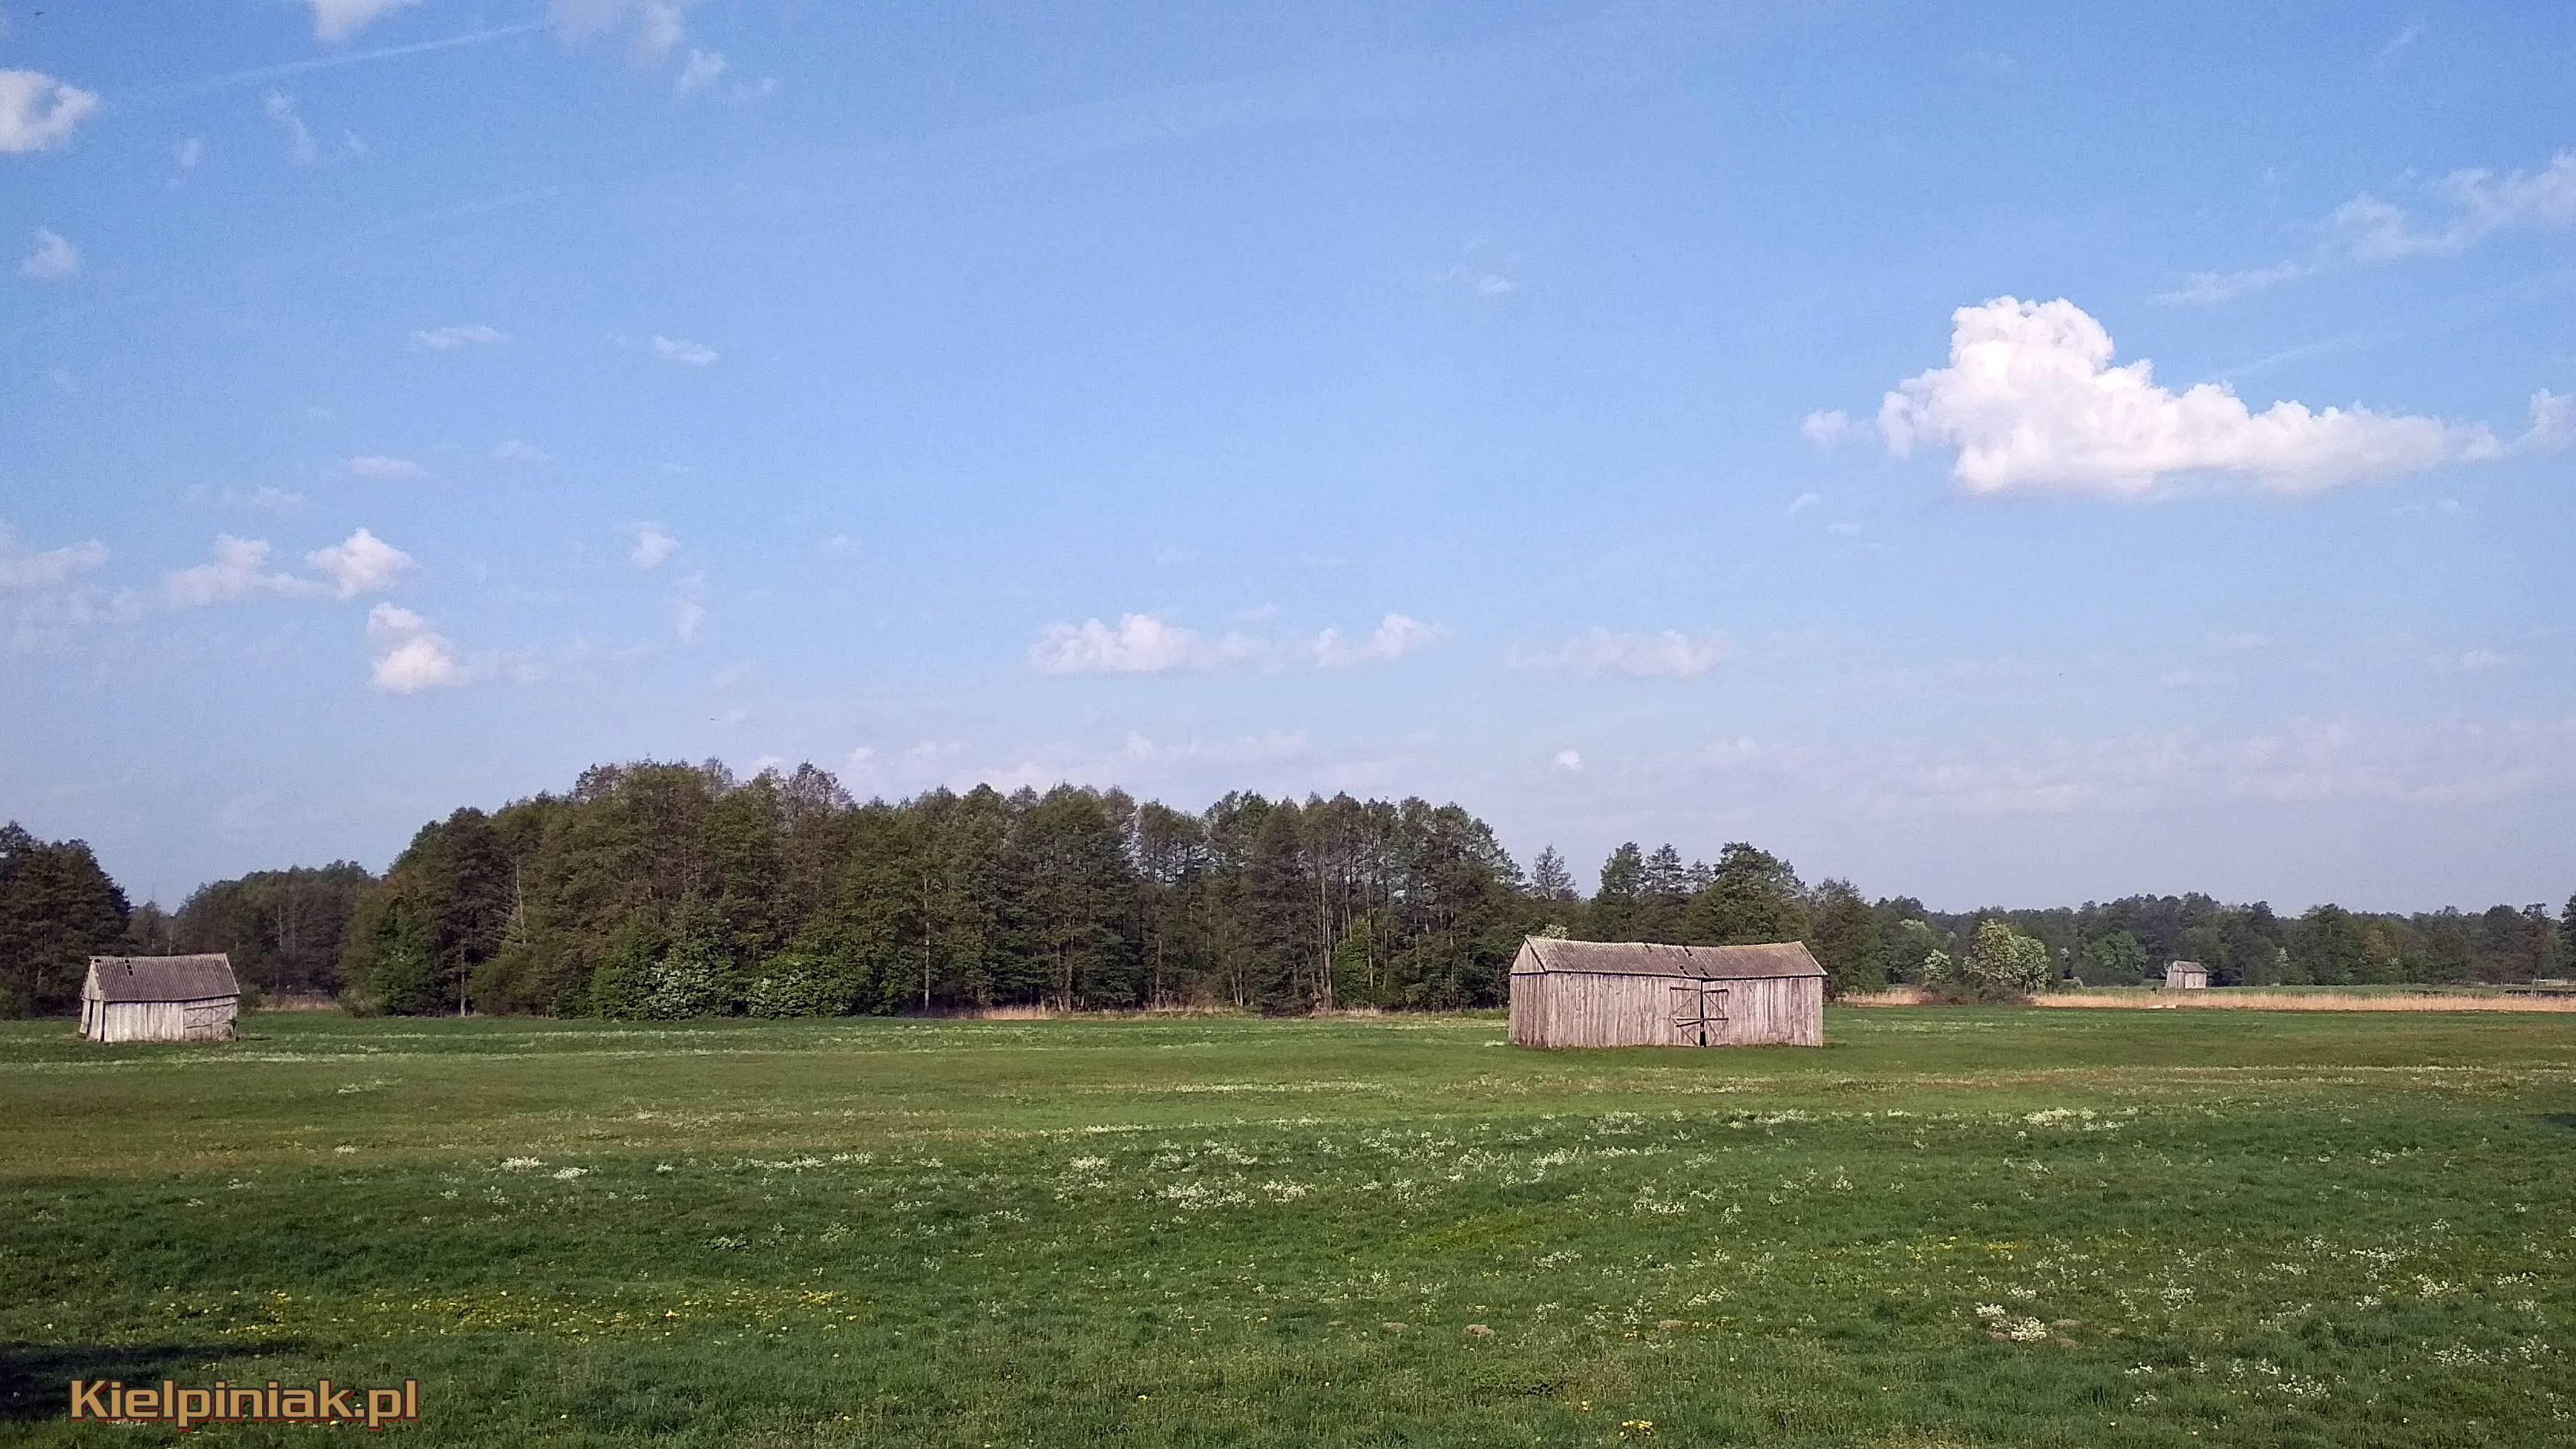 Nadbuzański Park Krajobrazowy łąki przy drodze do kiełpińca